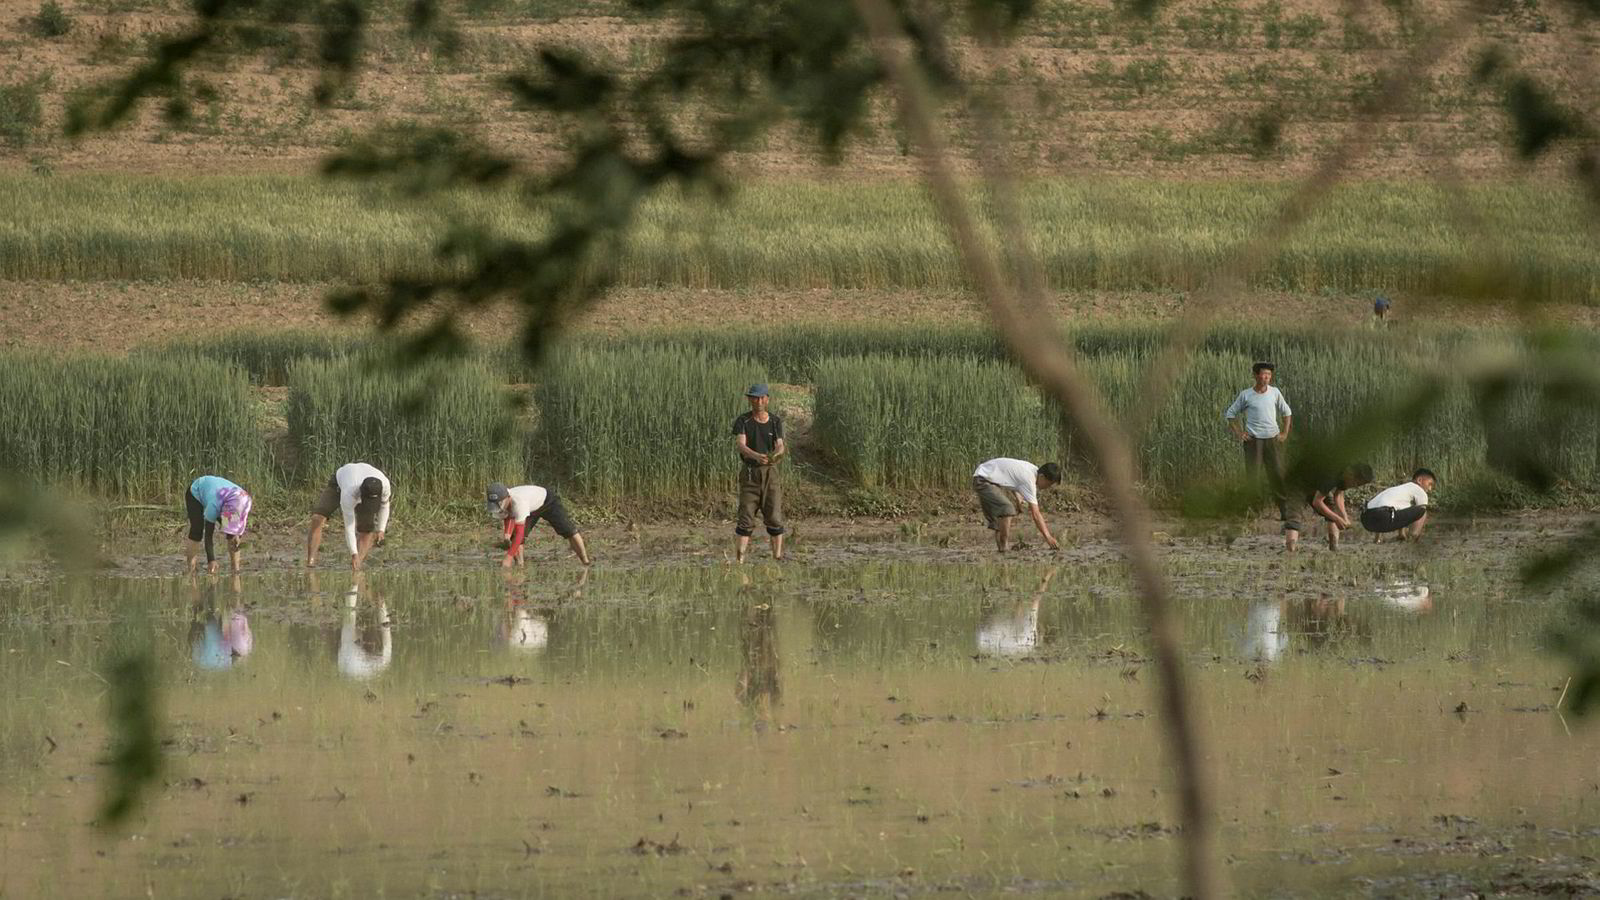 10,9 millioner nordkoreanere har behov for humanitær bistand. På bildet planter folk ris i en åker utenfor byen Kaesong.